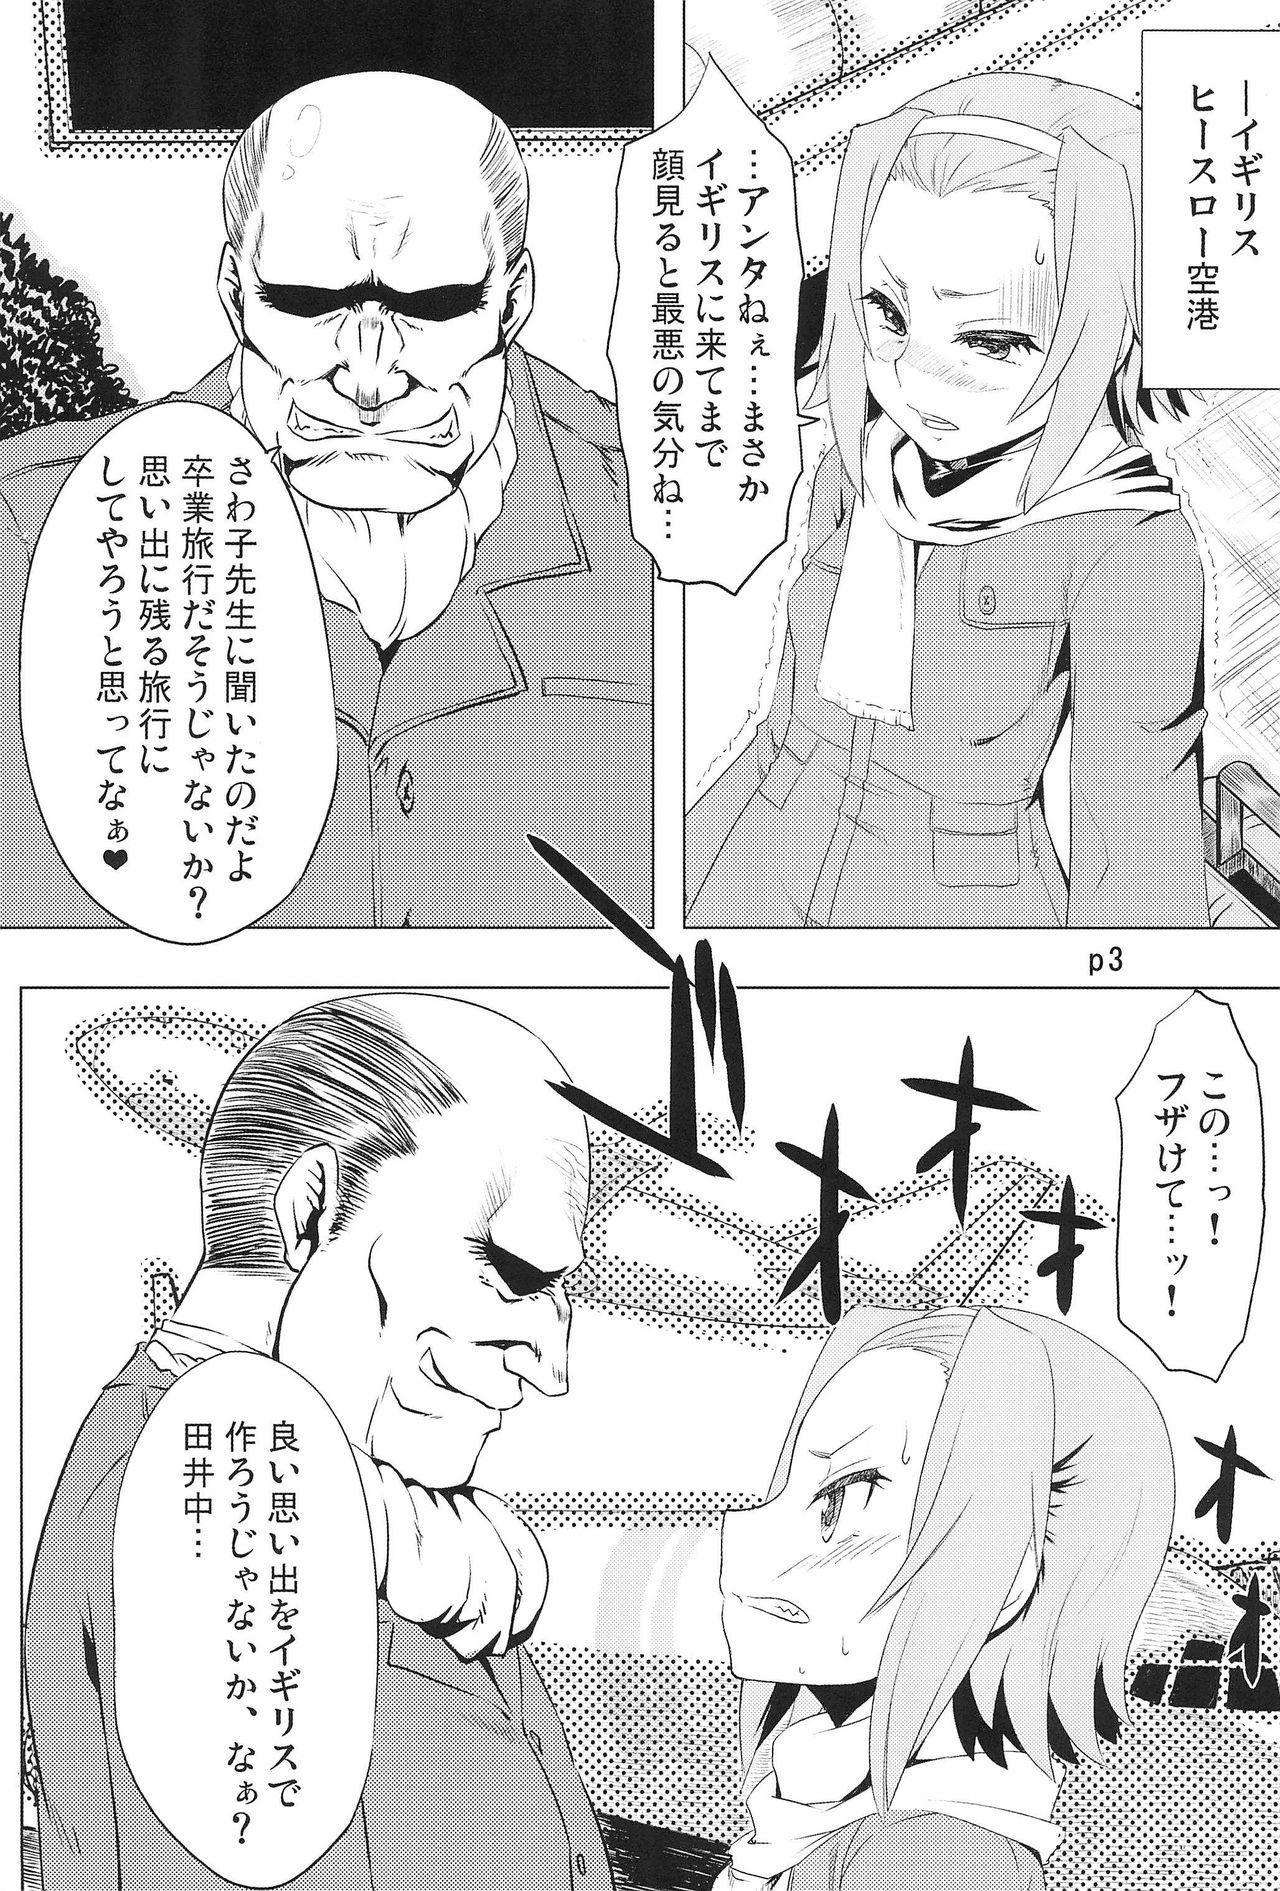 R.O.T 4 Ritsu-chan wa Ookata no Yosoudoori Chinpo ni wa Katenakatta yo... 2